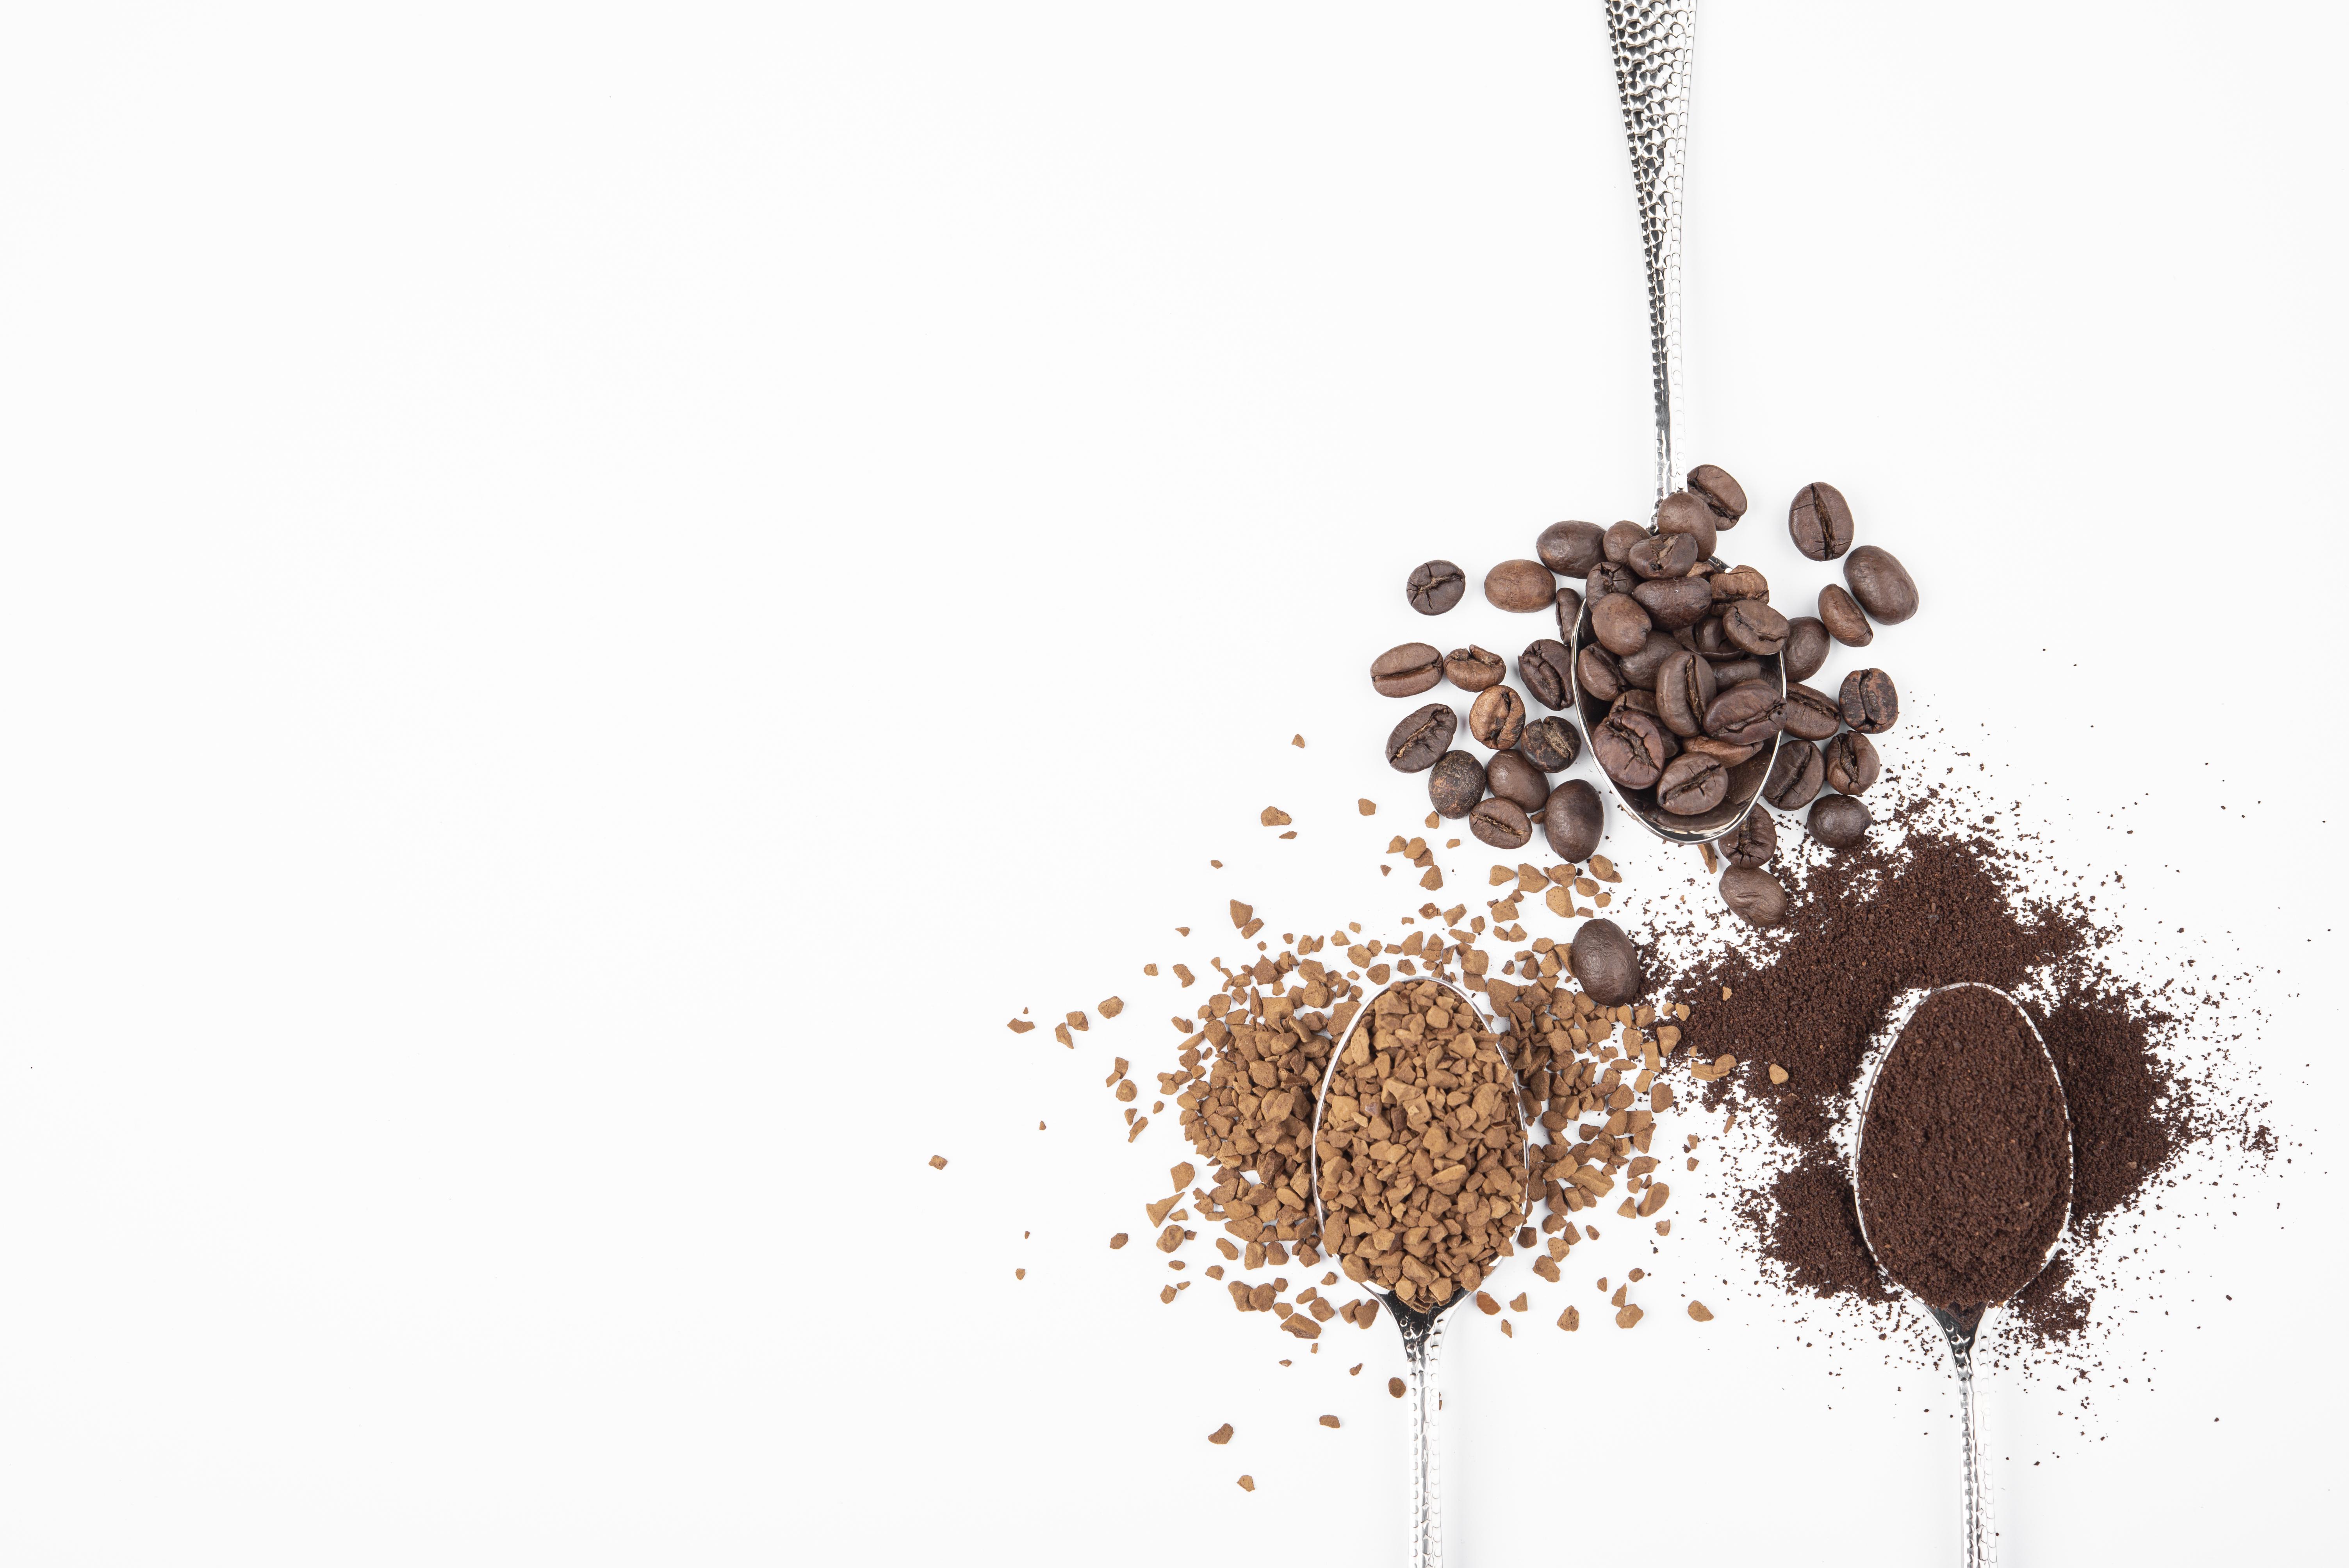 Купить растворимый кофе на развес в Украине - компания Leader Coffee